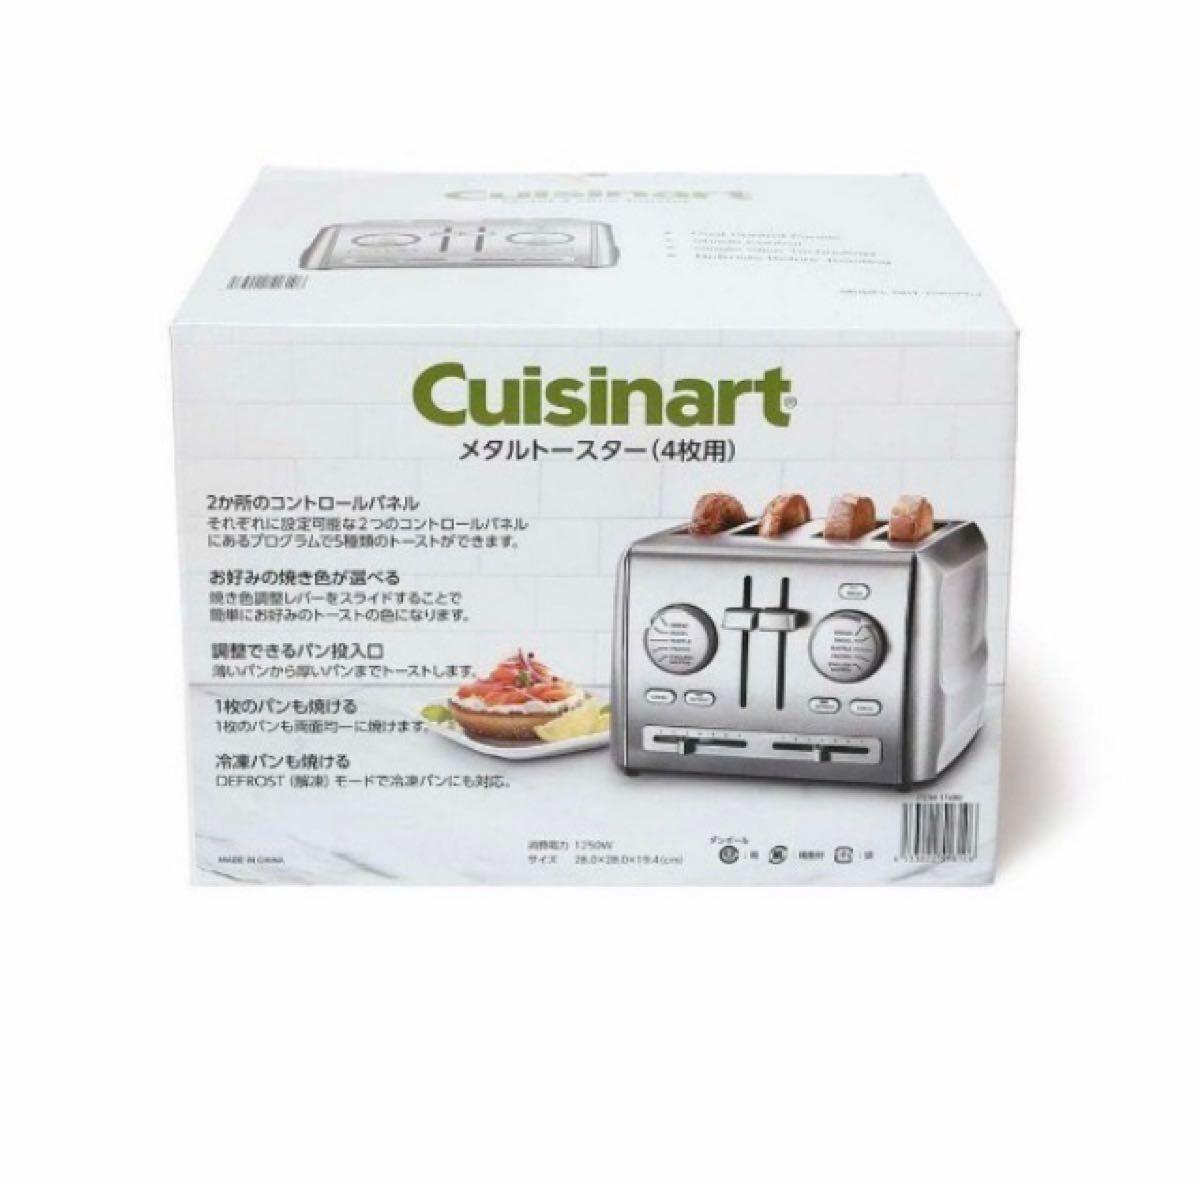 クイジナート メタル トースター 4枚RBT-1285PCJ Cuisinart